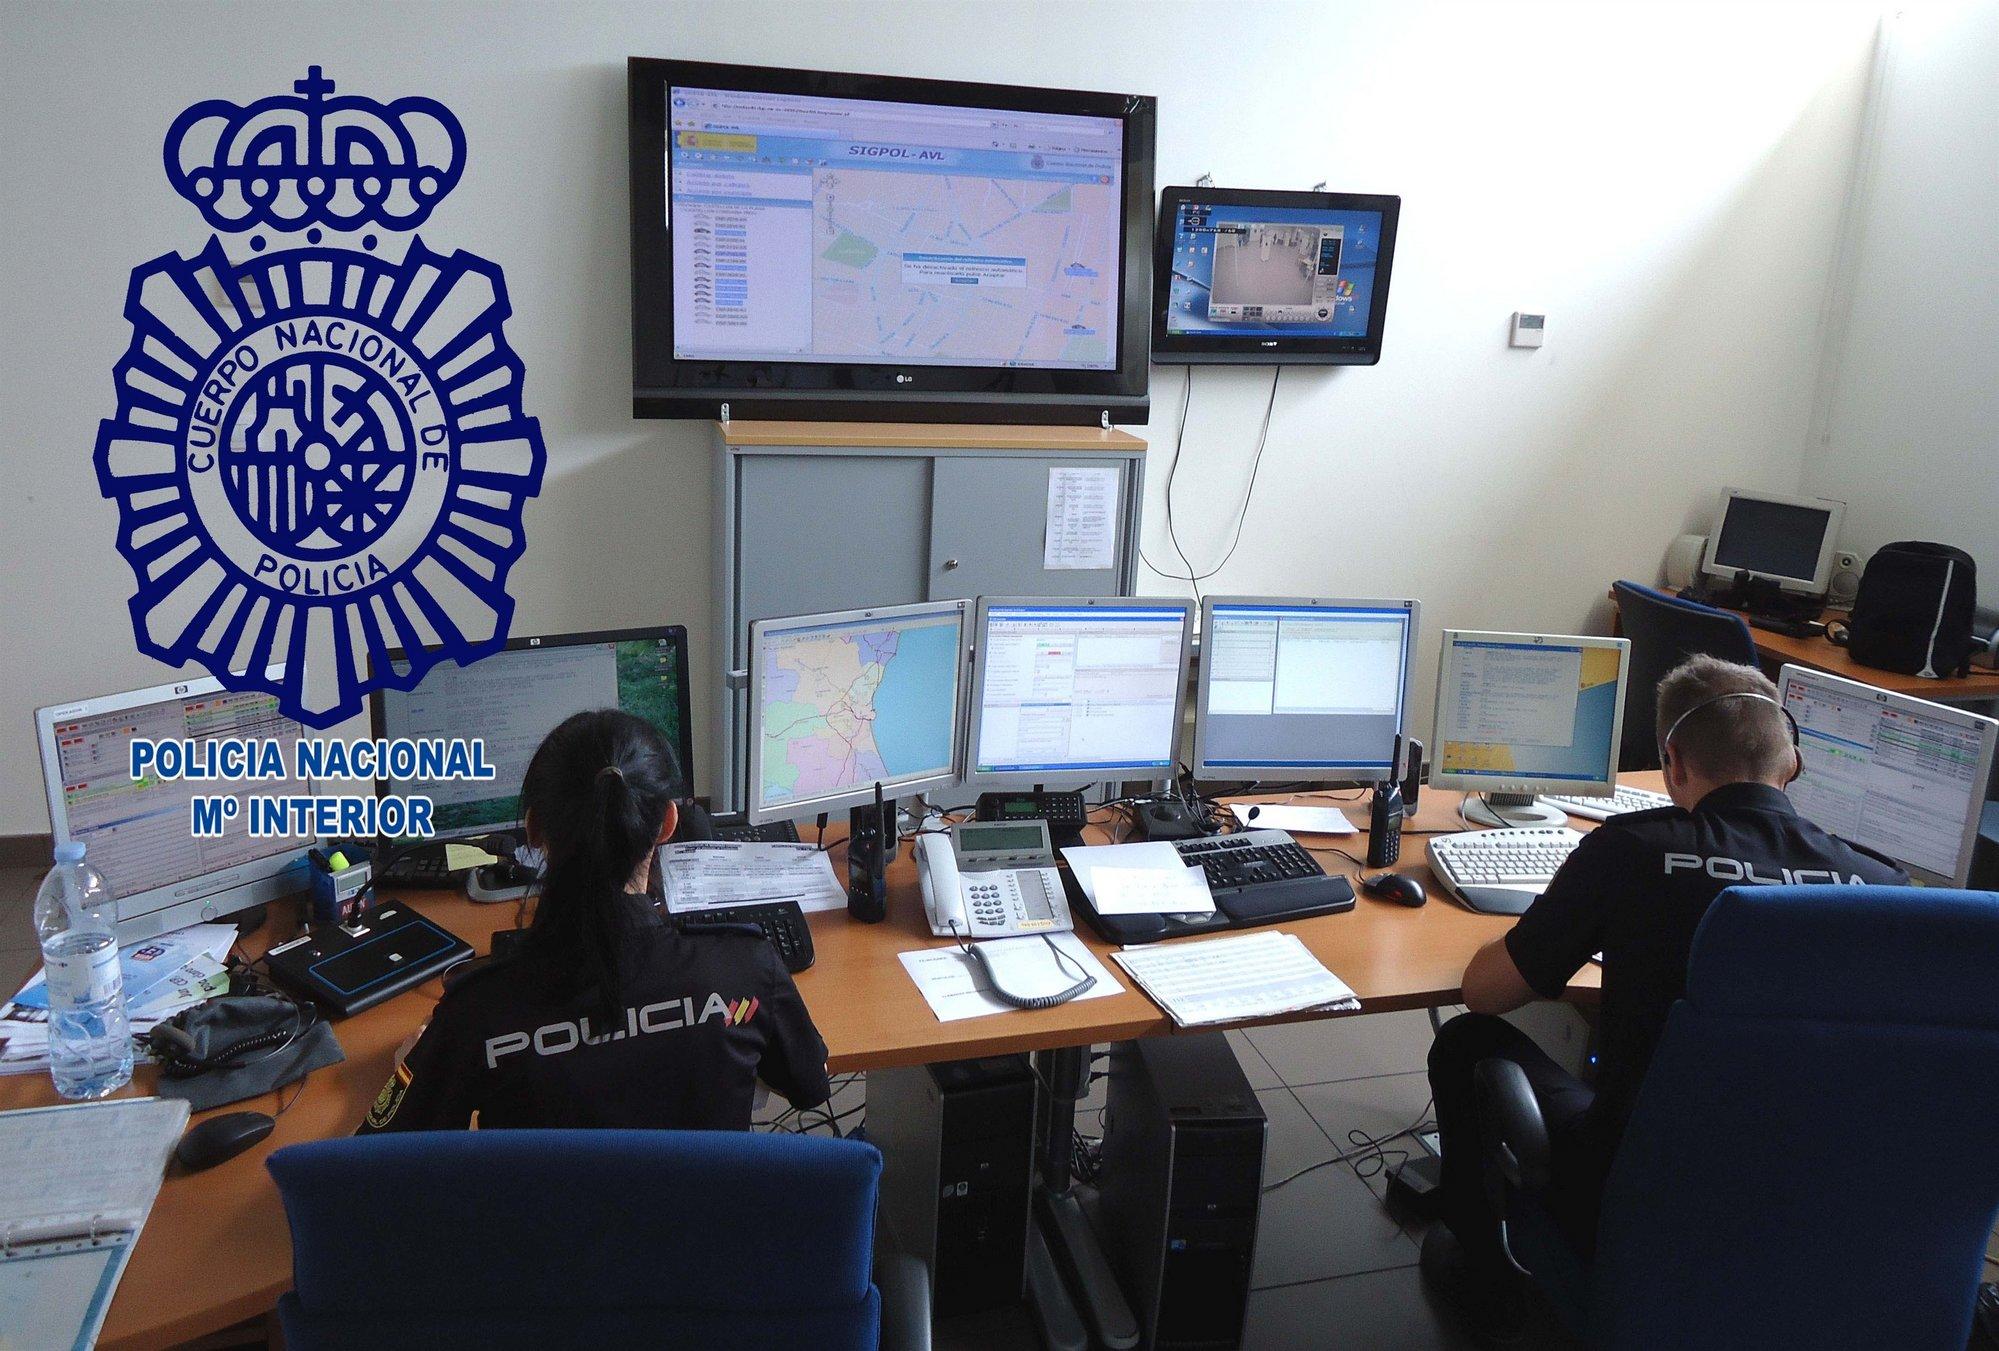 Detenida una mujer por realizar hasta 70 llamadas falsas de amenazas de bomba y otros avisos